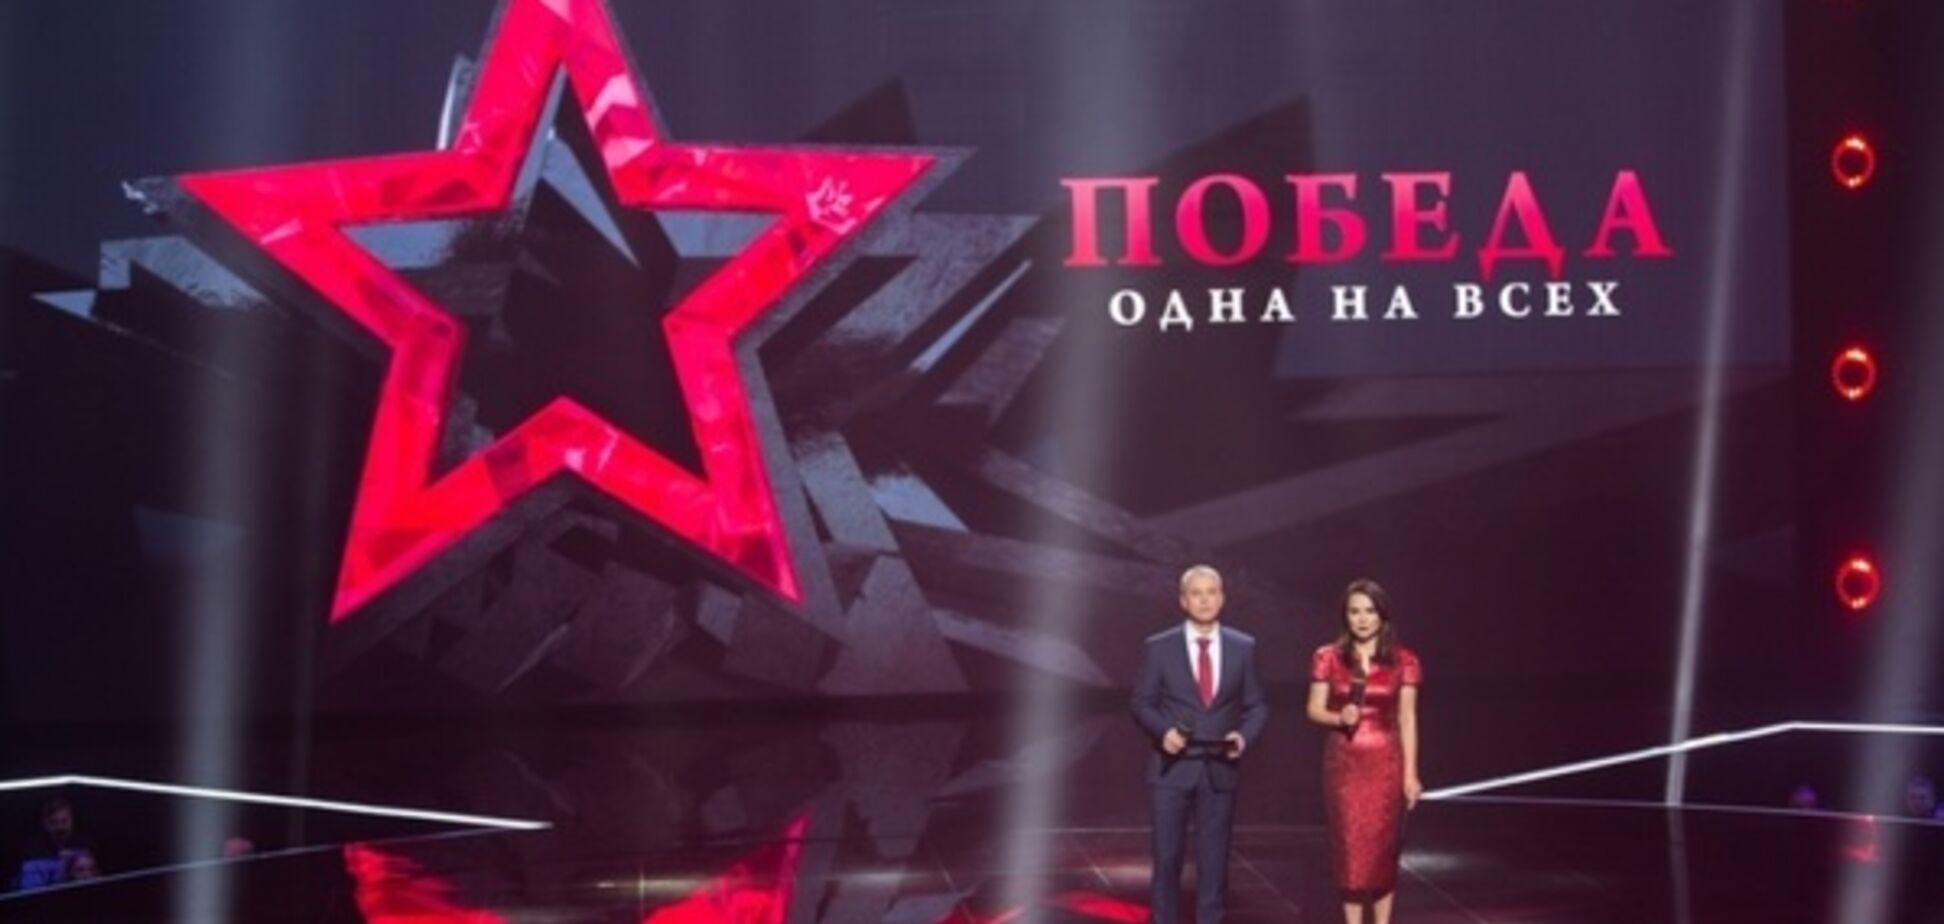 'Побєдобісся' на 'Інтері': суд скасував 4 млн штрафу за скандальний концерт 9 травня